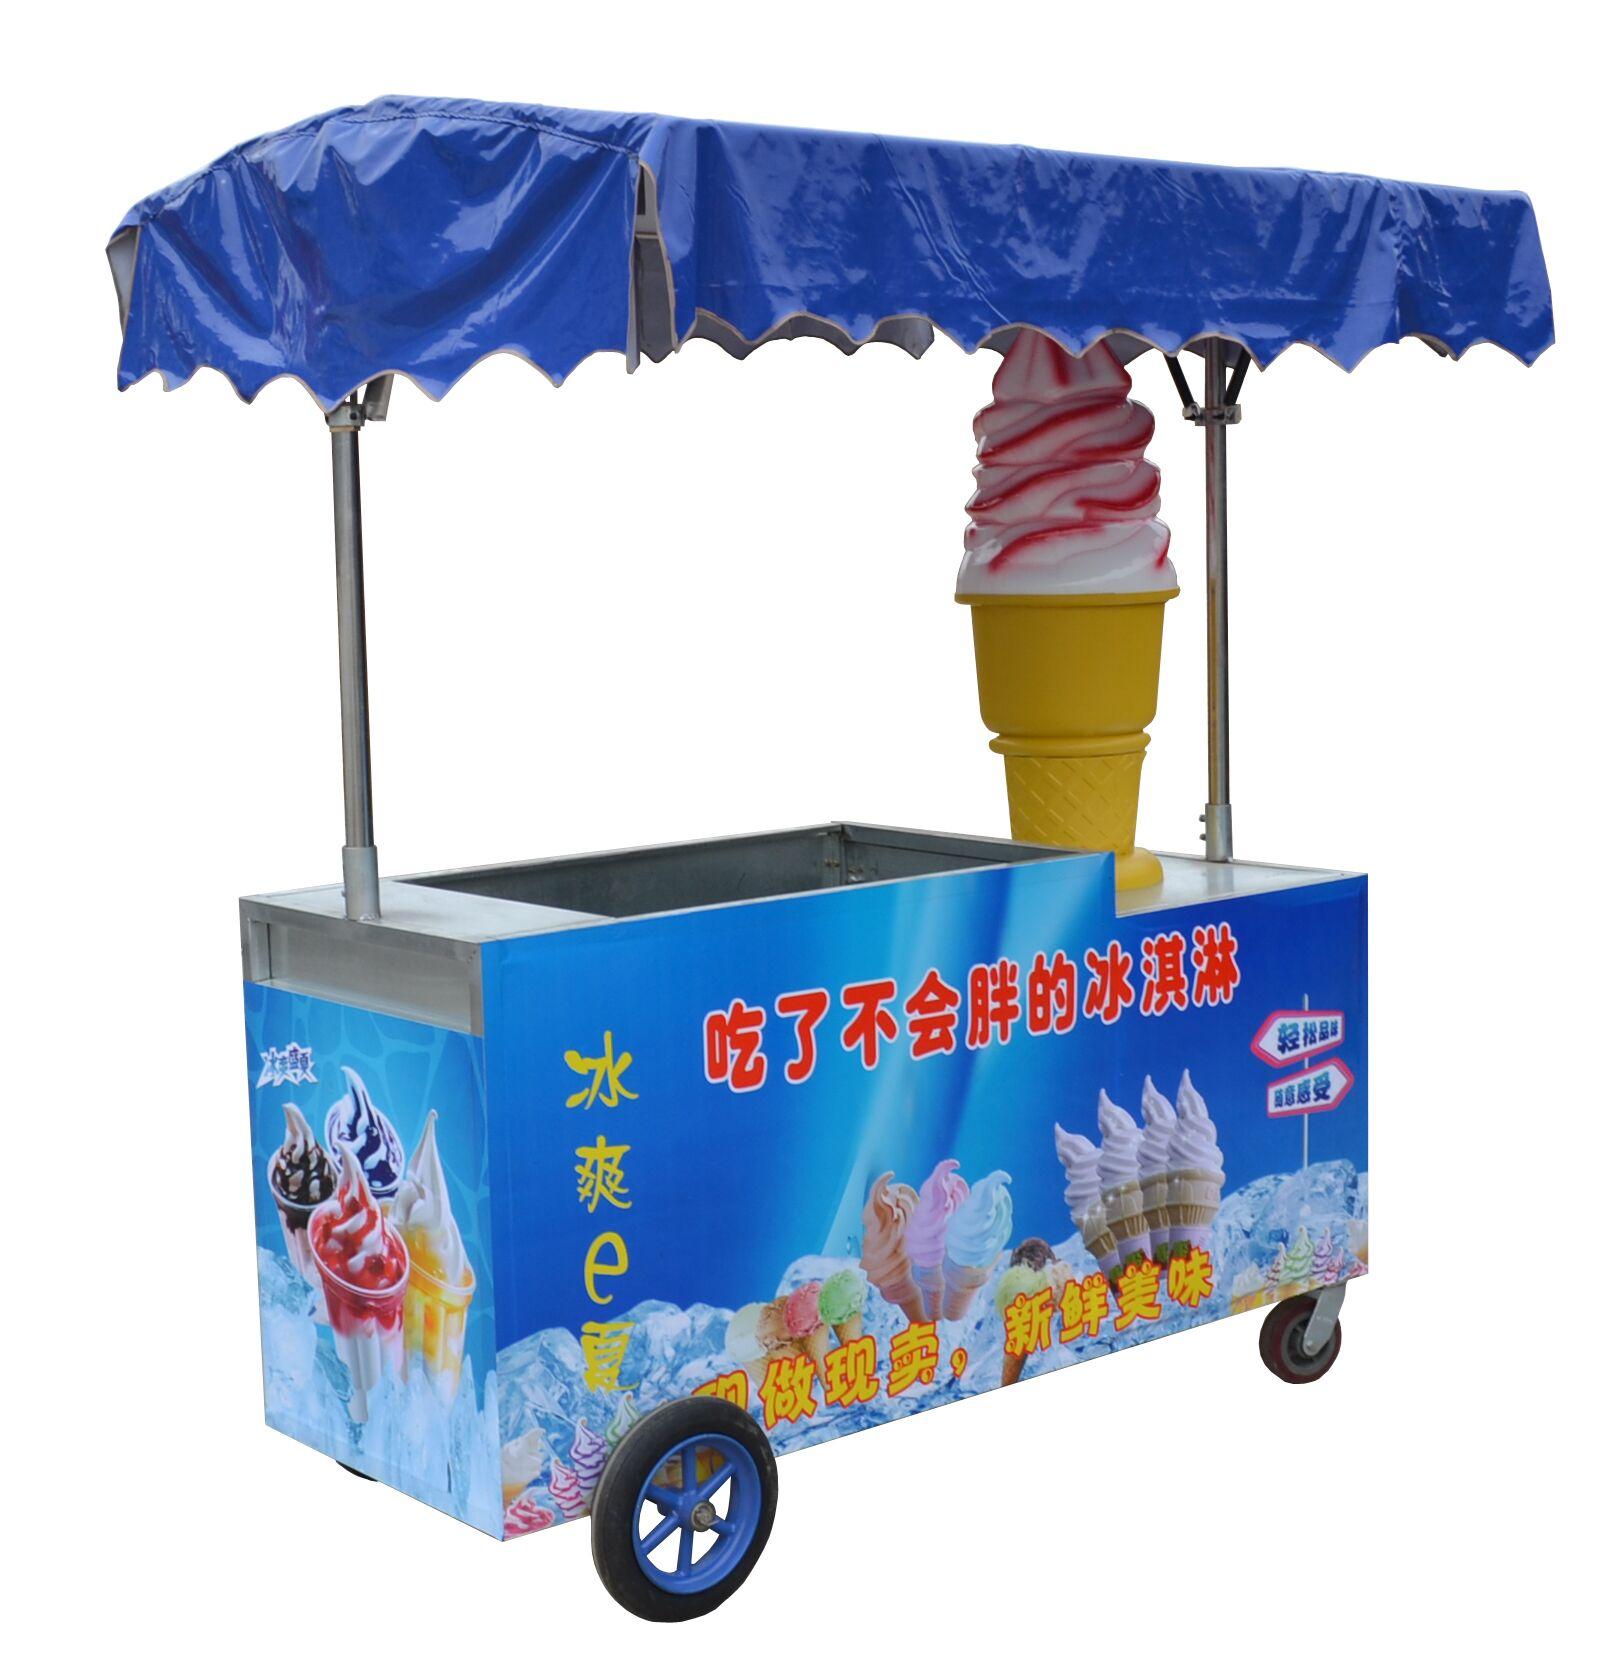 山东德州四季飘香餐车(图)-冰淇淋冷饮车-温州冷... - 中国供应商